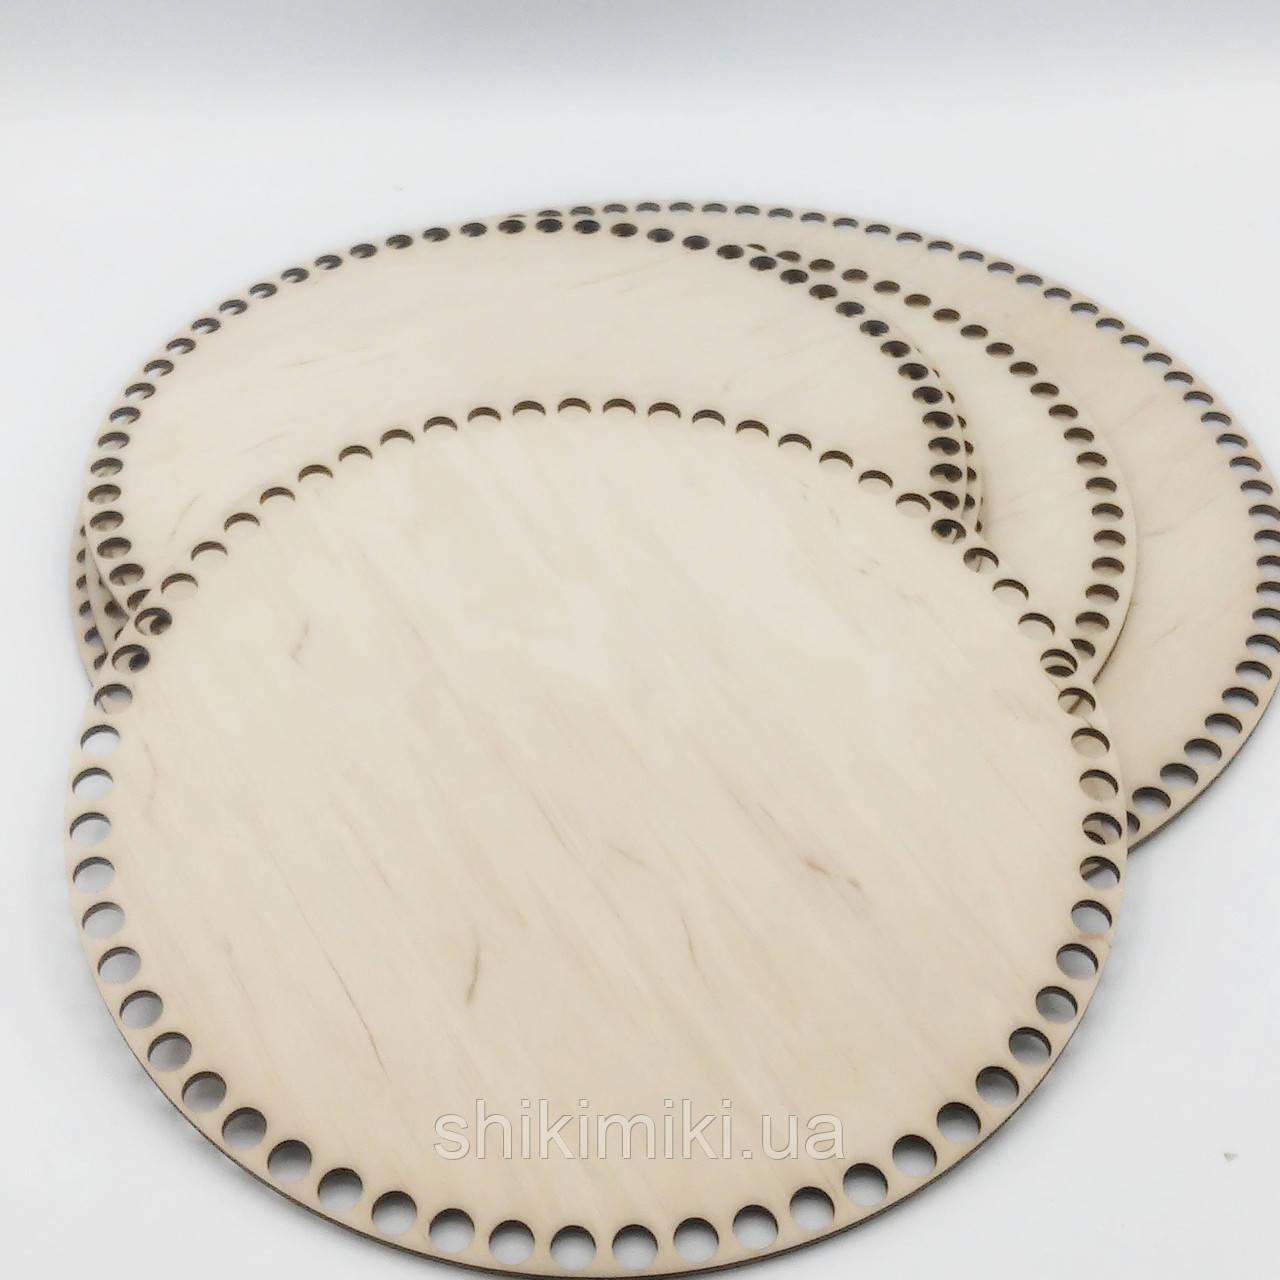 Заготовка из фанеры круглая (25 см)